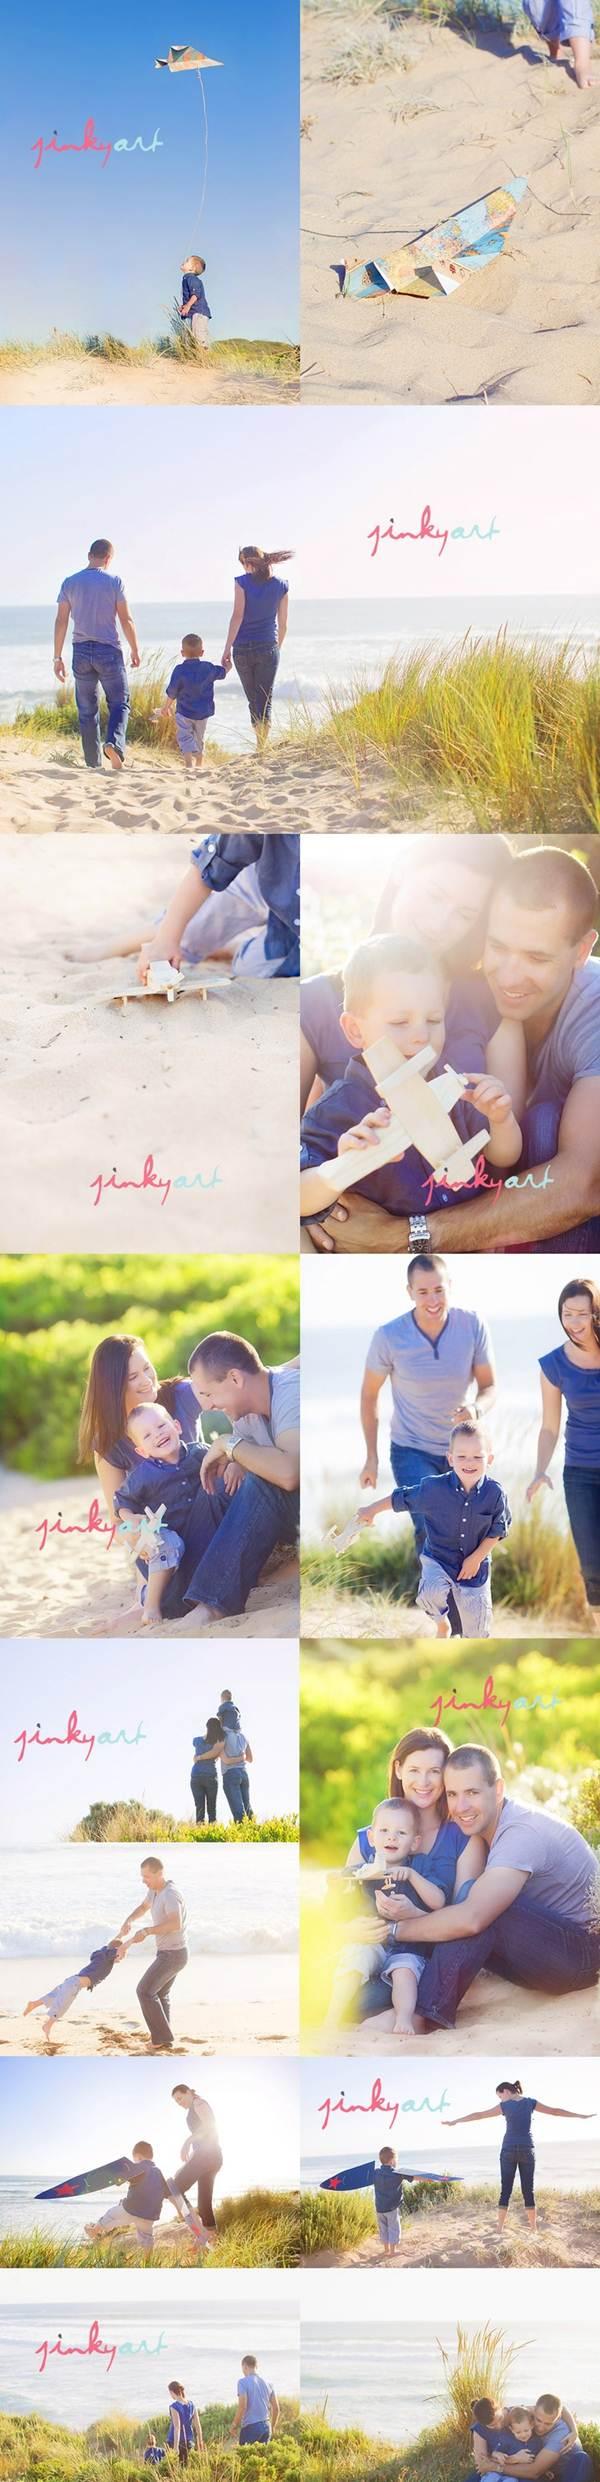 Chiêm ngưỡng những bức ảnh gia đình tuyệt đẹp - 9